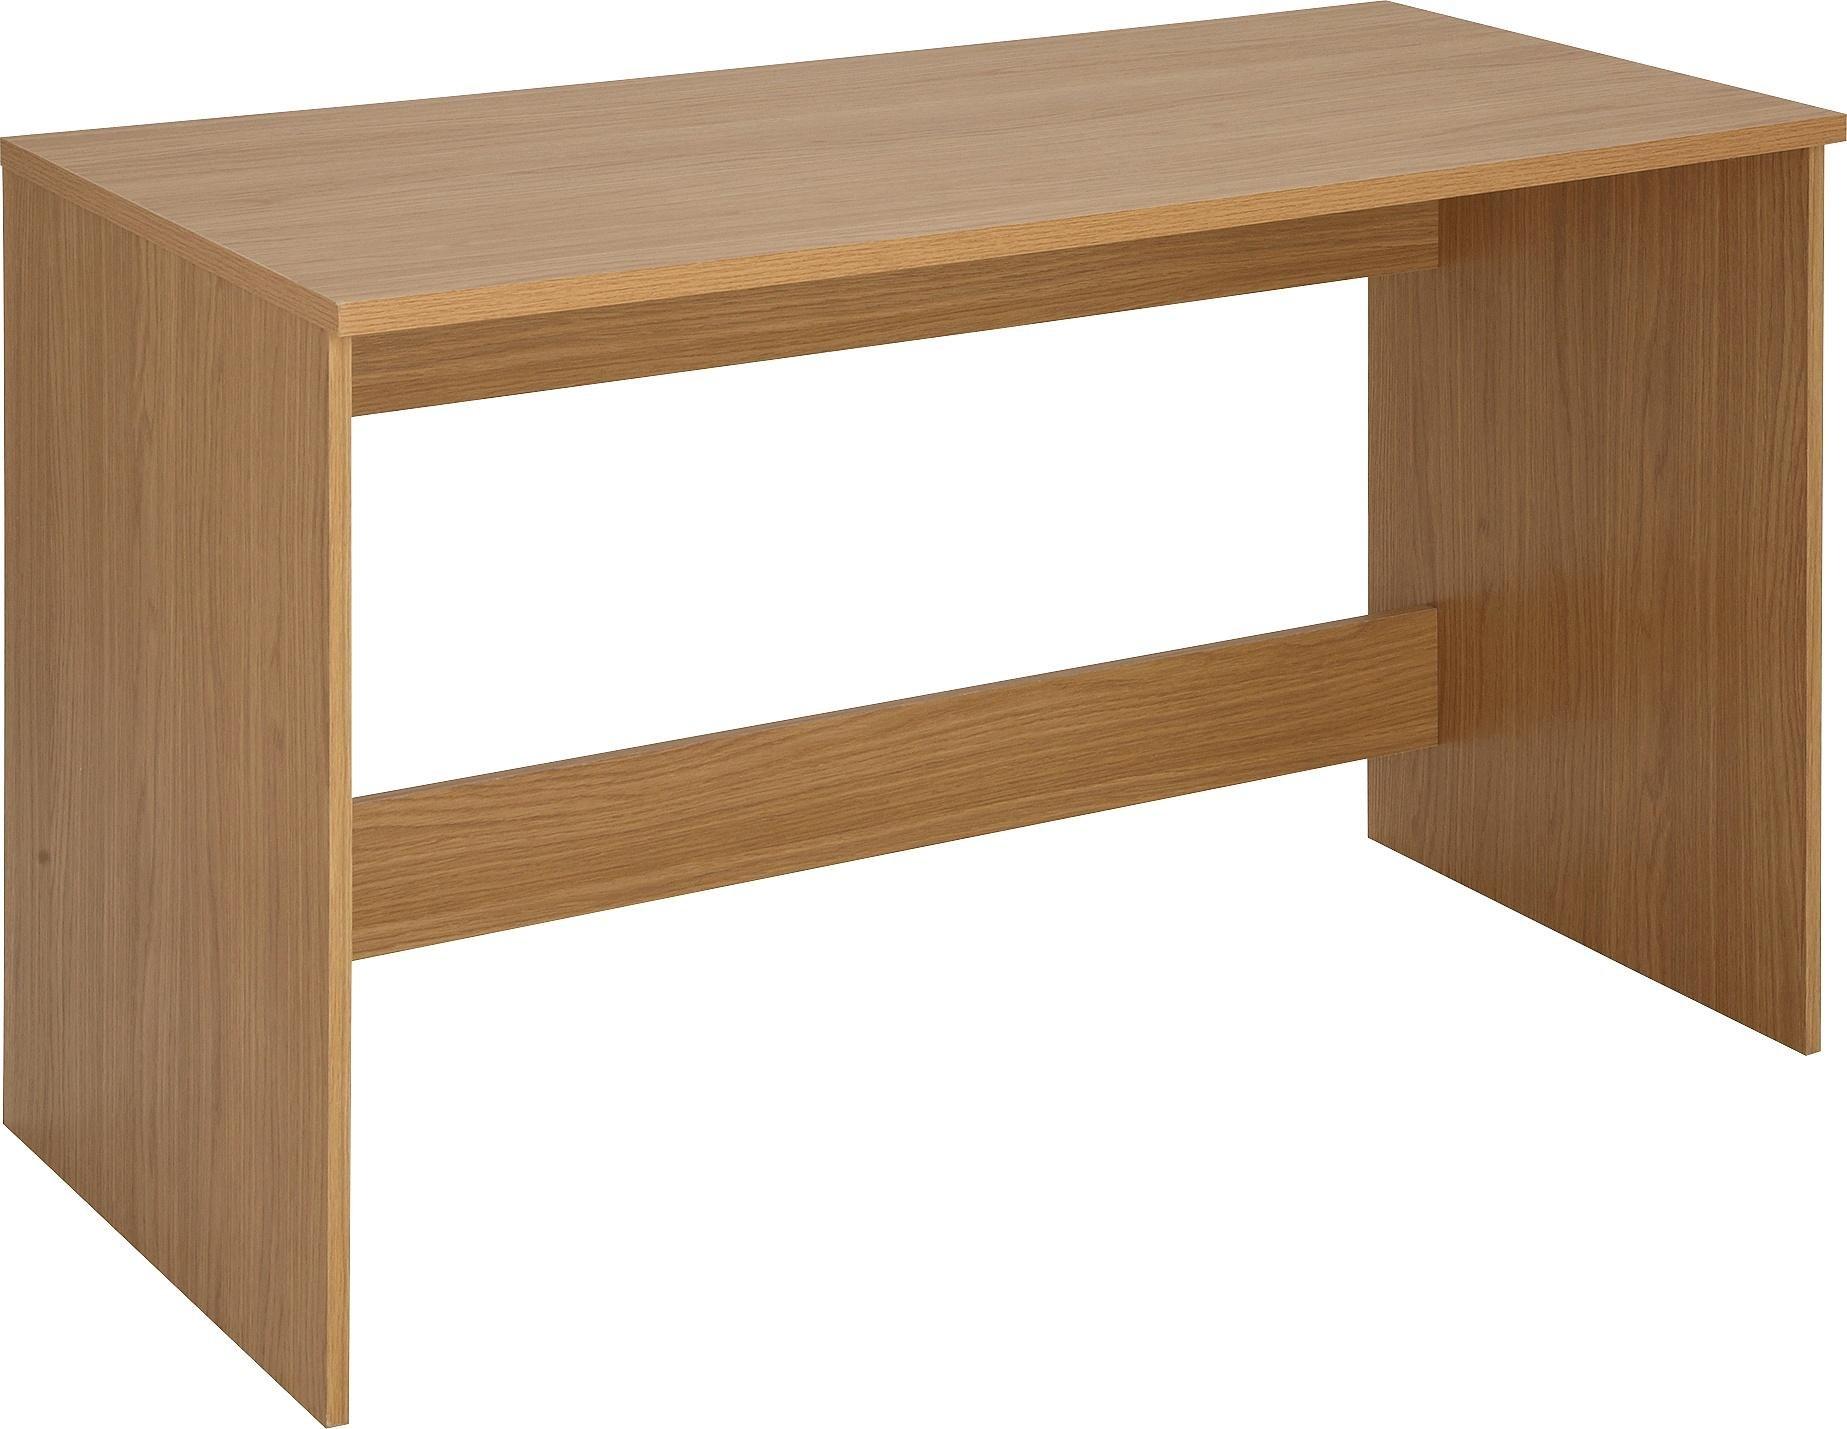 buy home walton office desk - oak effect at argos.co.uk - your